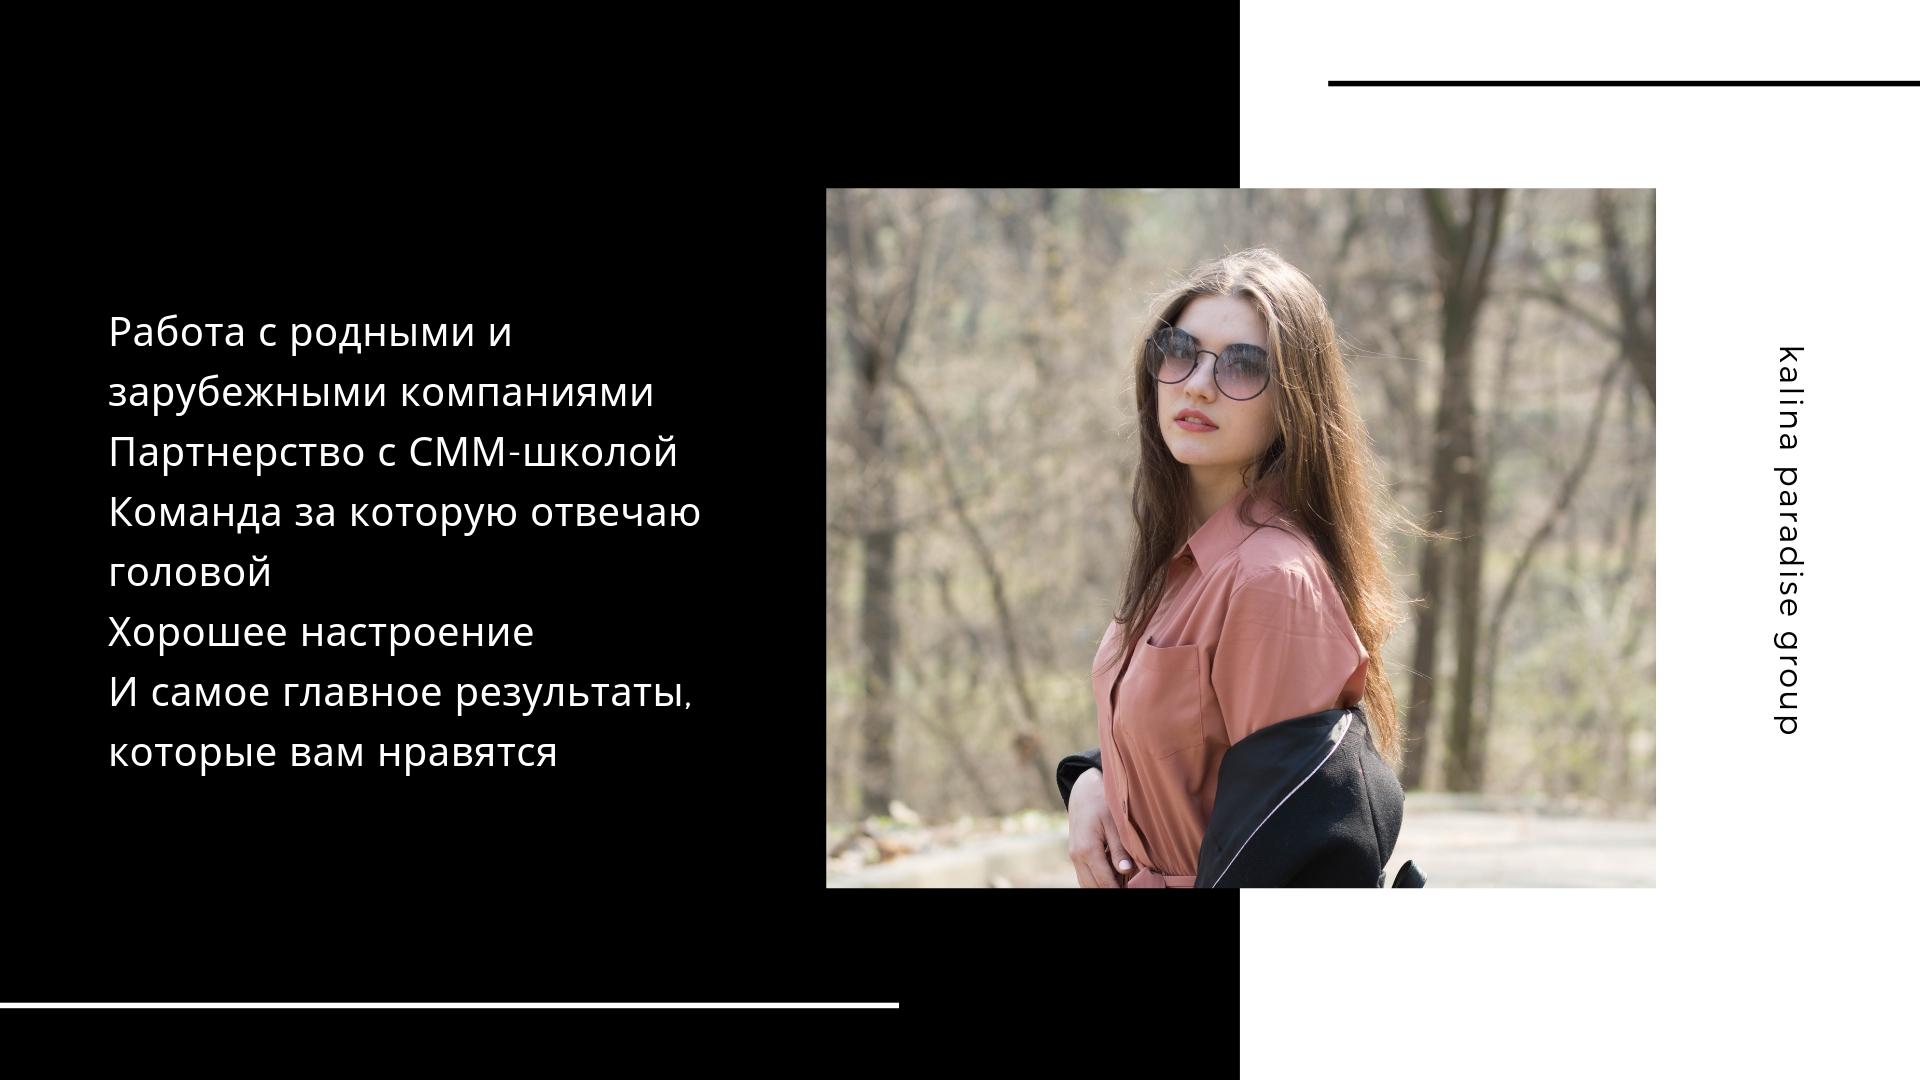 Фото Первый в Украине современный и продуктивный SMM-маркетинг Партнер СММ-школы  Меня зовут Анастасия Калина. Уже несколько лет я продвигаю проекты и блоги разных масштабов в социальных сетях по всей Украине.   Что я имею ввиду? Мои клиенты очень разные и начинаются от магазинов и блогов Академий и не останавливаются на социальных сетях ресторанов и всеукраинской организации ветеринарных лекарств.   Уже сейчас я набираю команду для нового и очень сильного проекта по Украине.  А если ты предприниматель или просто развиваешь свой блог, то со мной можешь найти решение всех вопросов по социальным сетям быстро и без вопросов.  Вела проекты с нуля и создавала продажи еще до открытия.